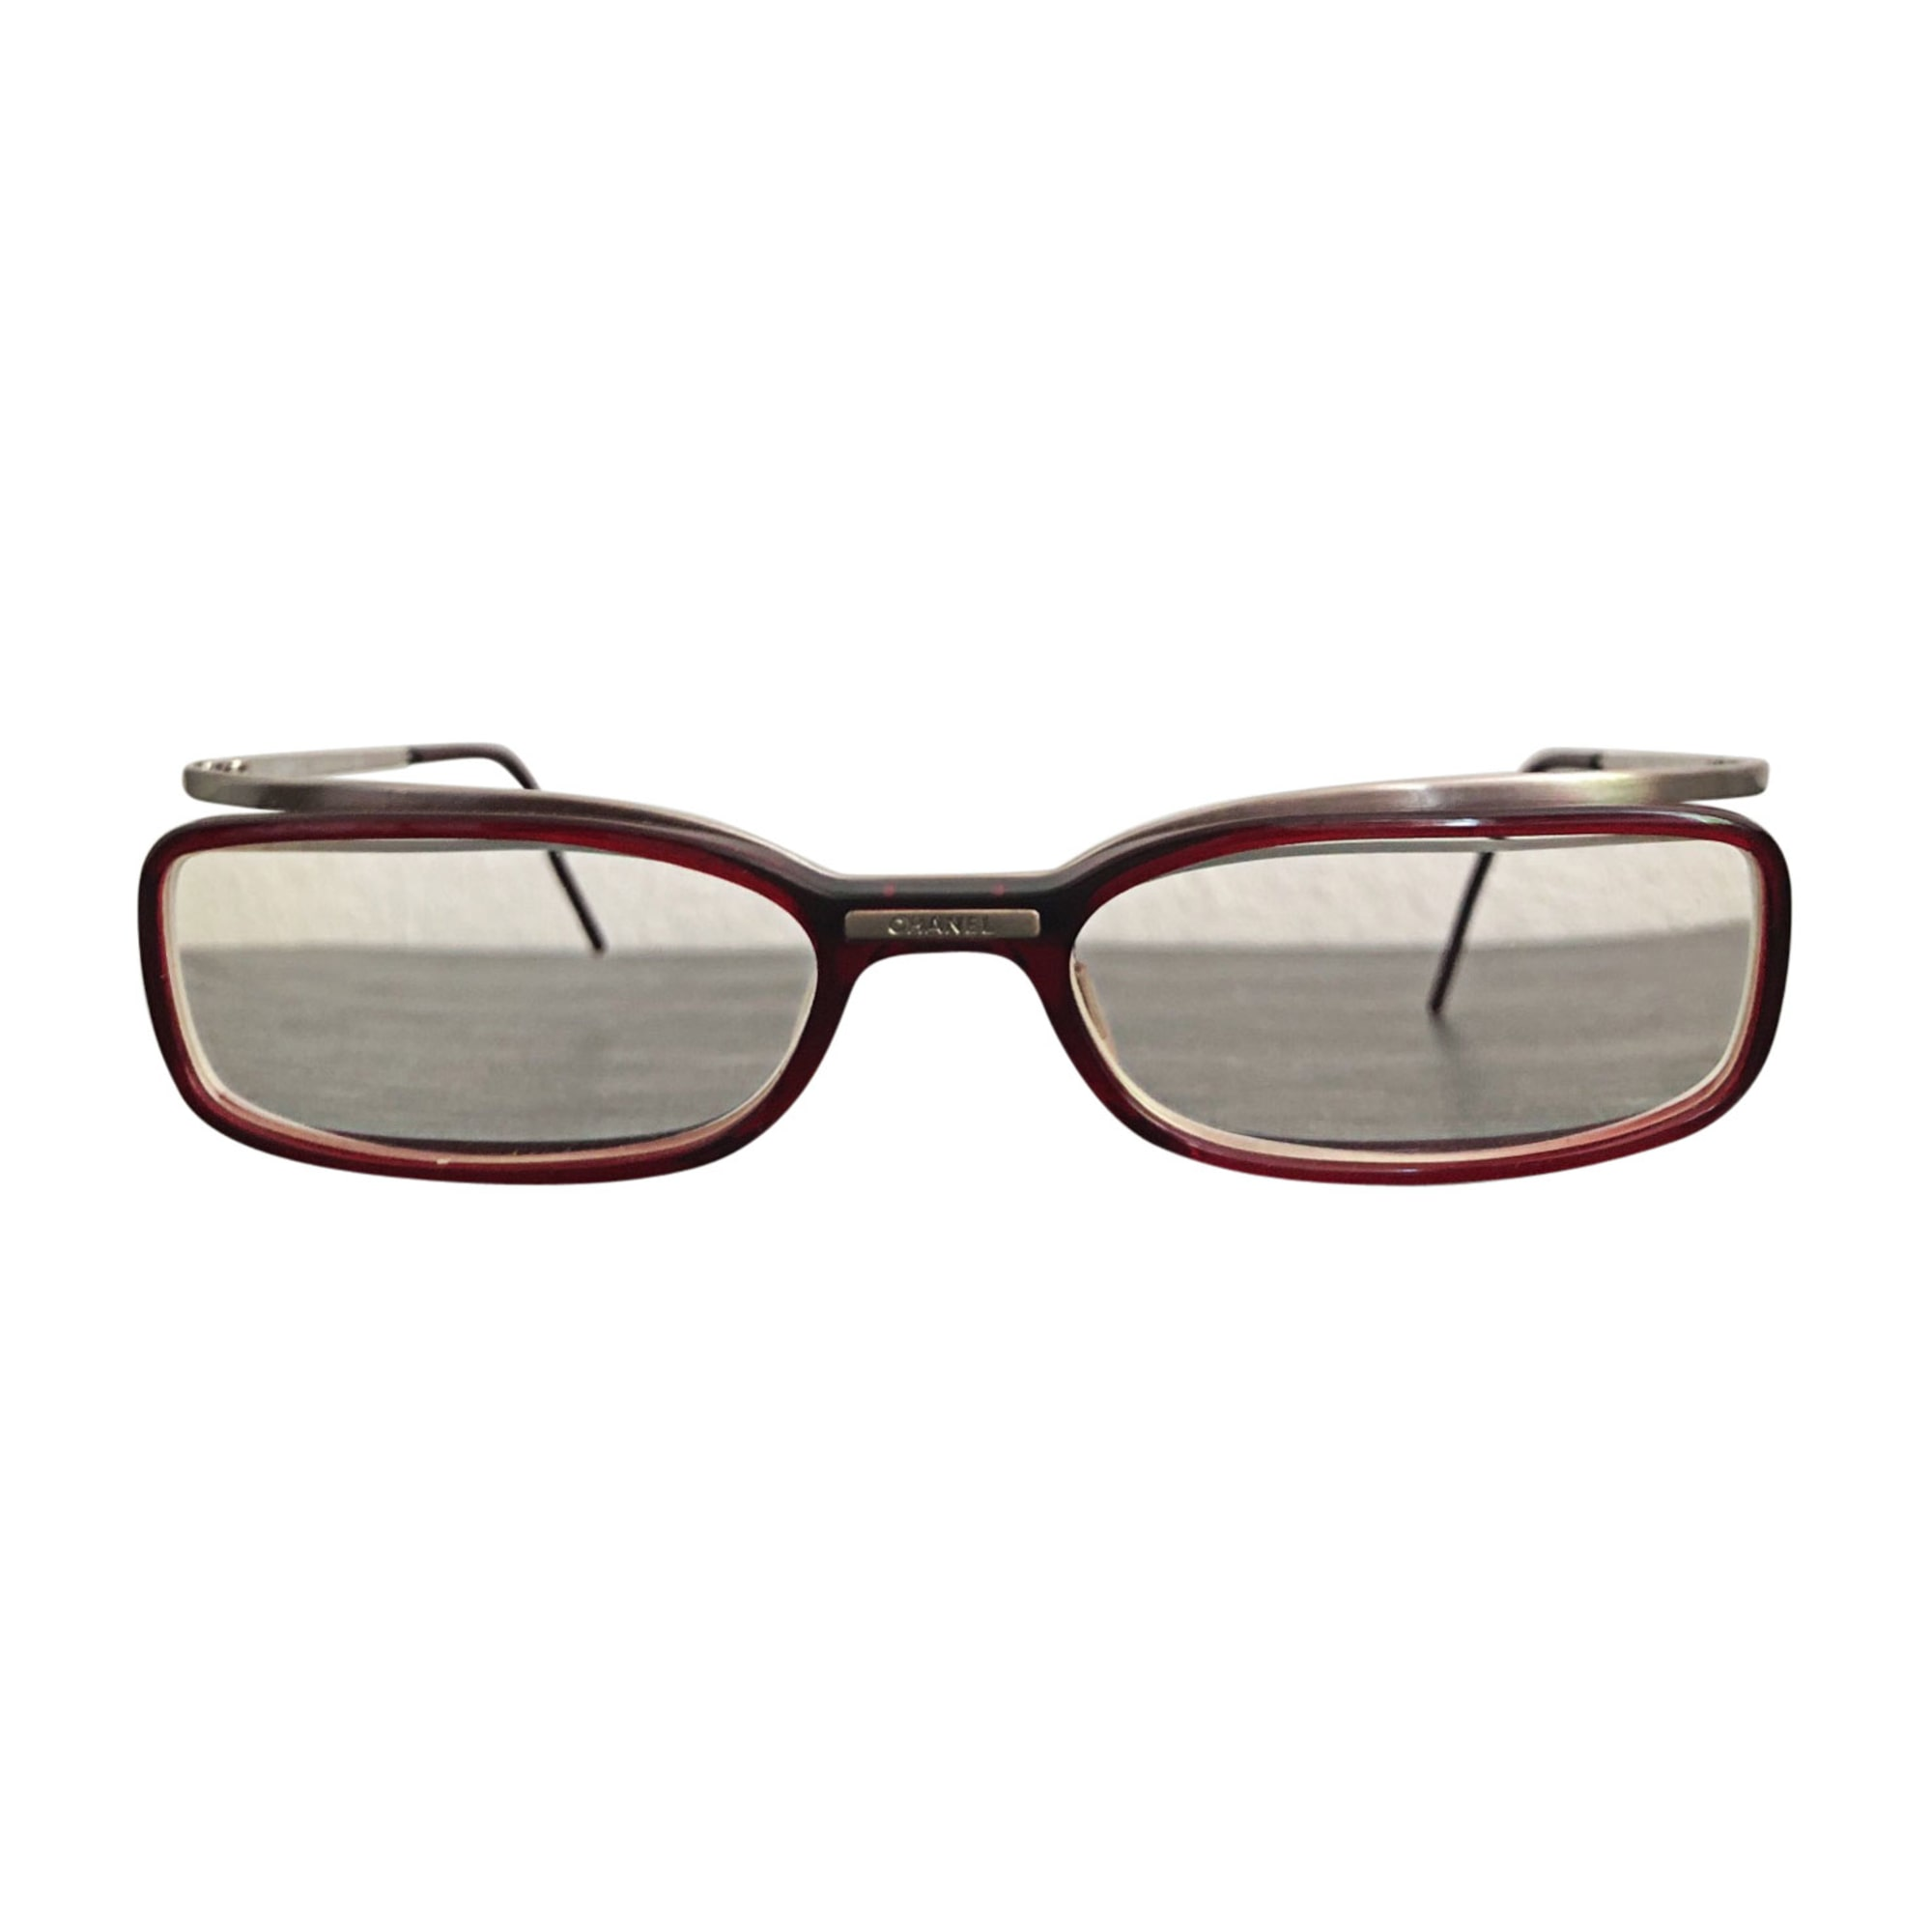 Eyeglass Frames CHANEL red - 7859974